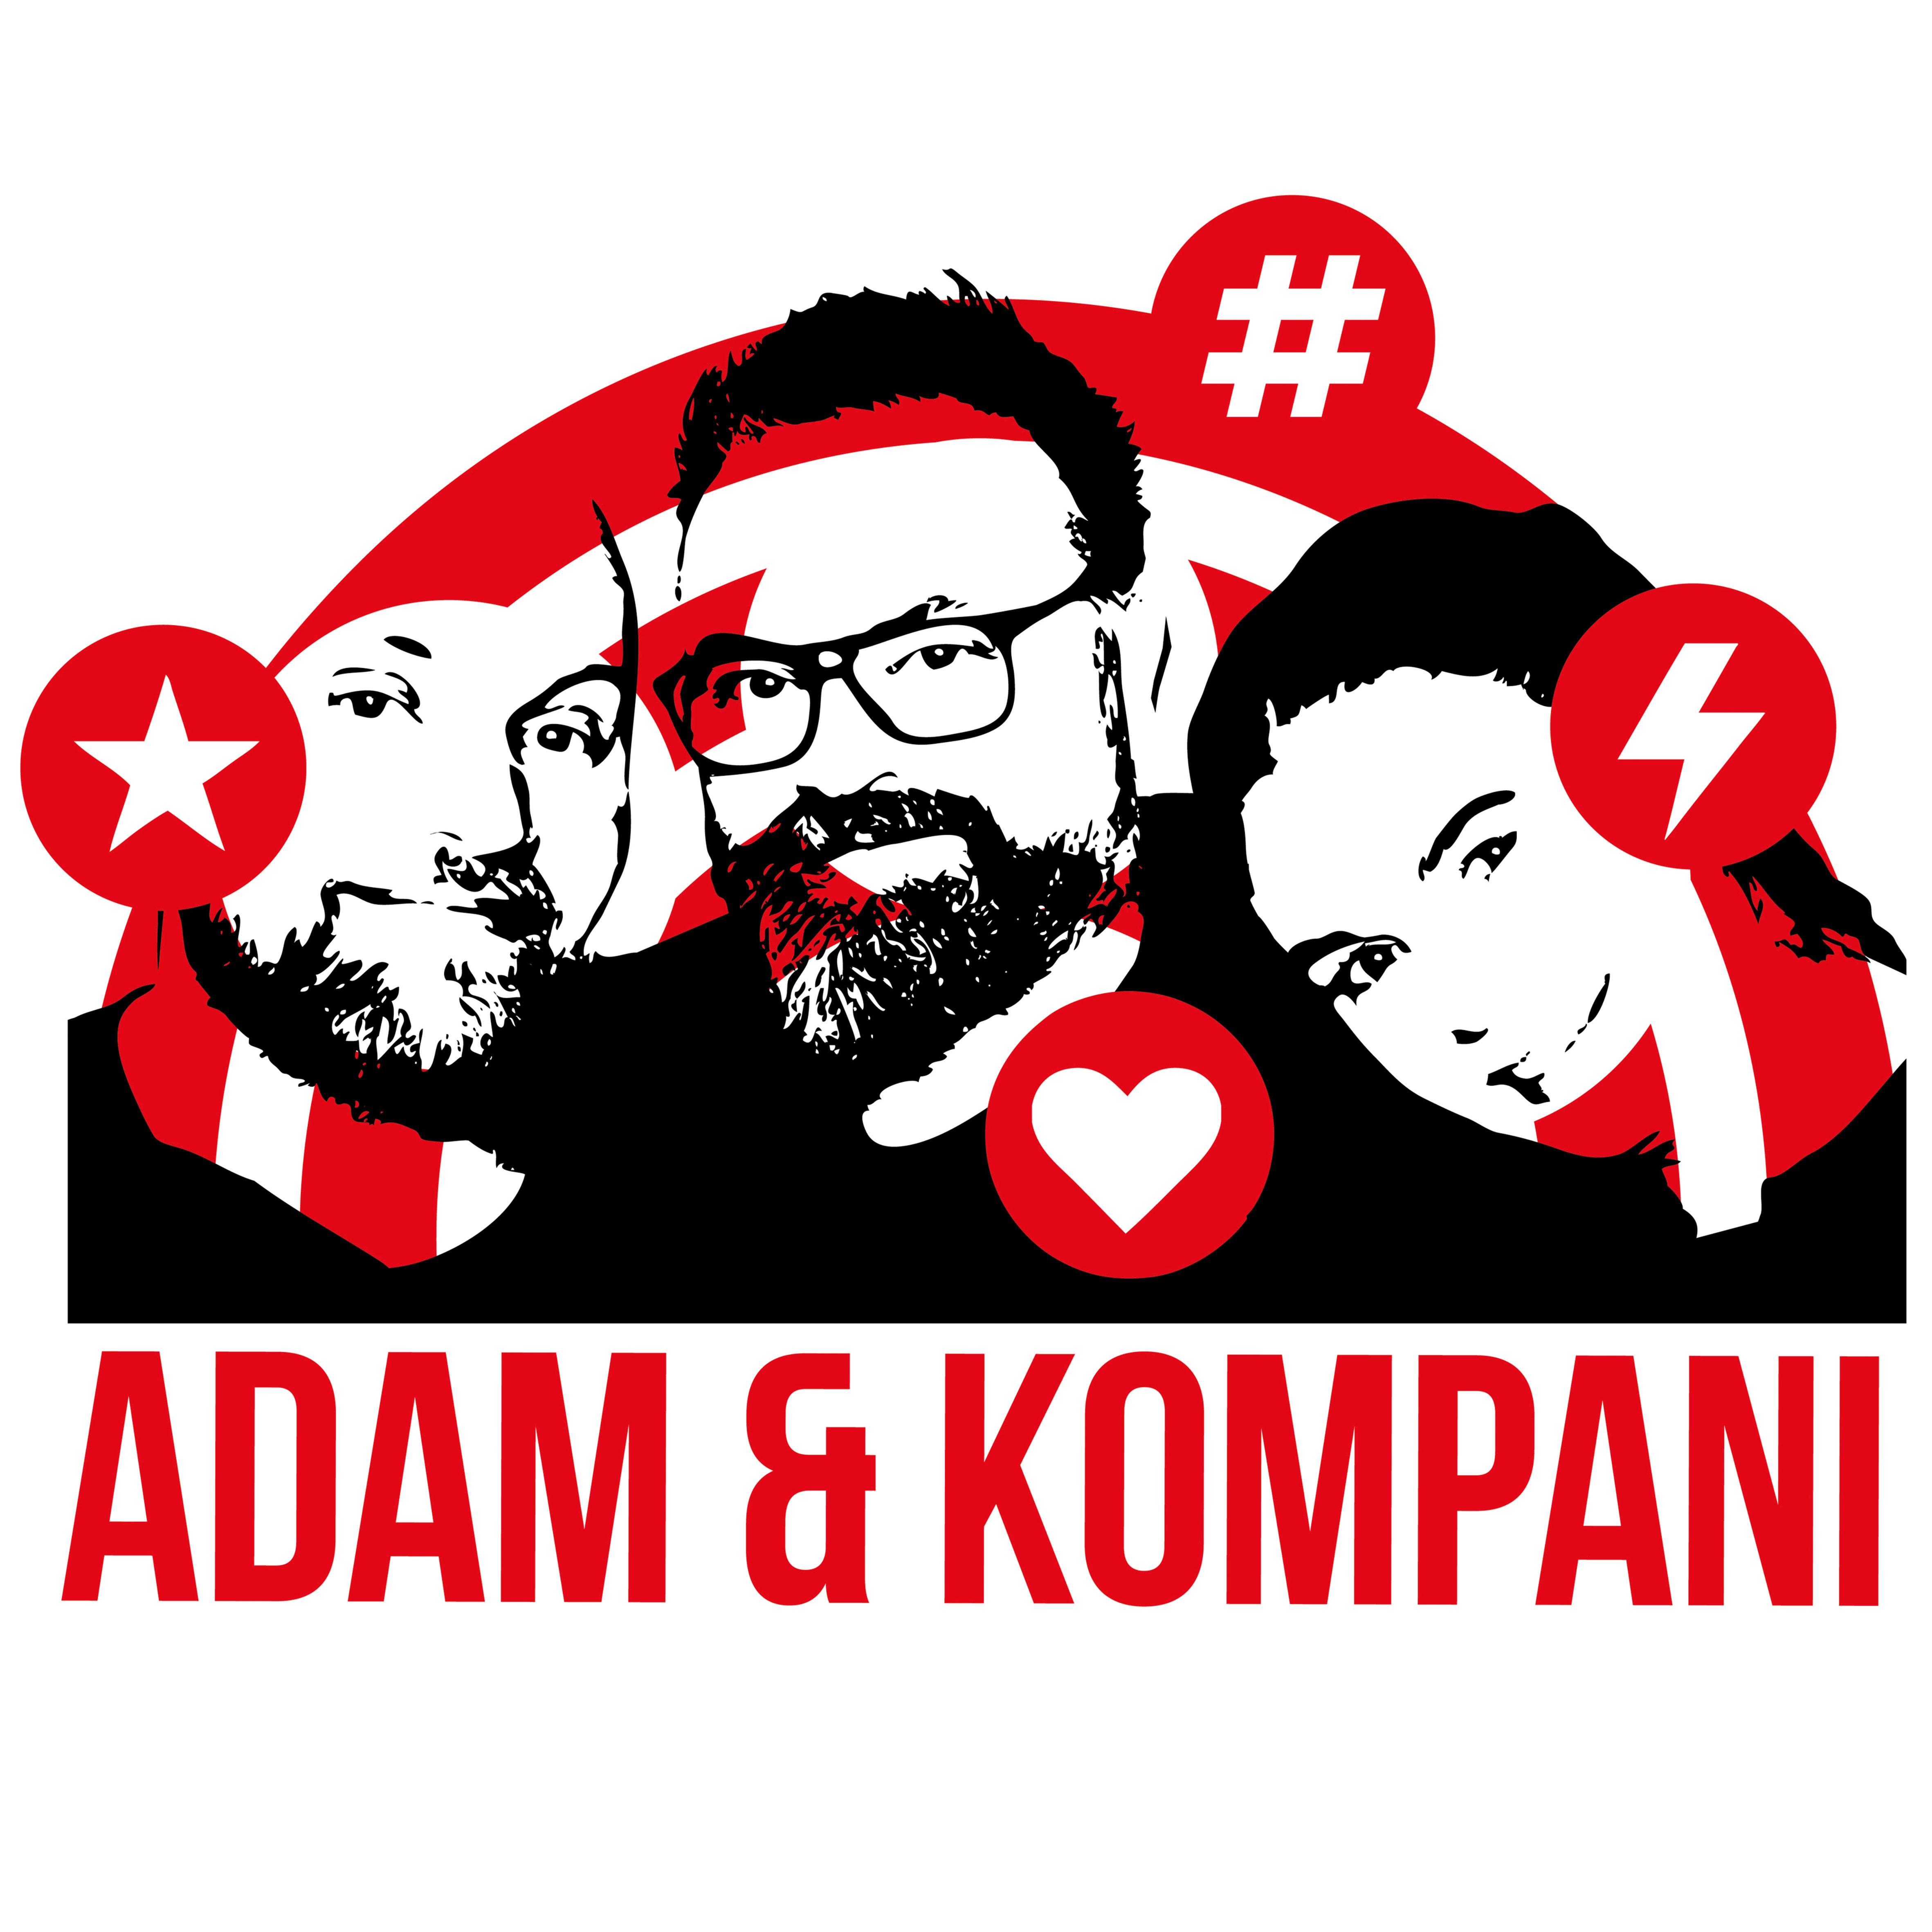 Adam och Kompani logo